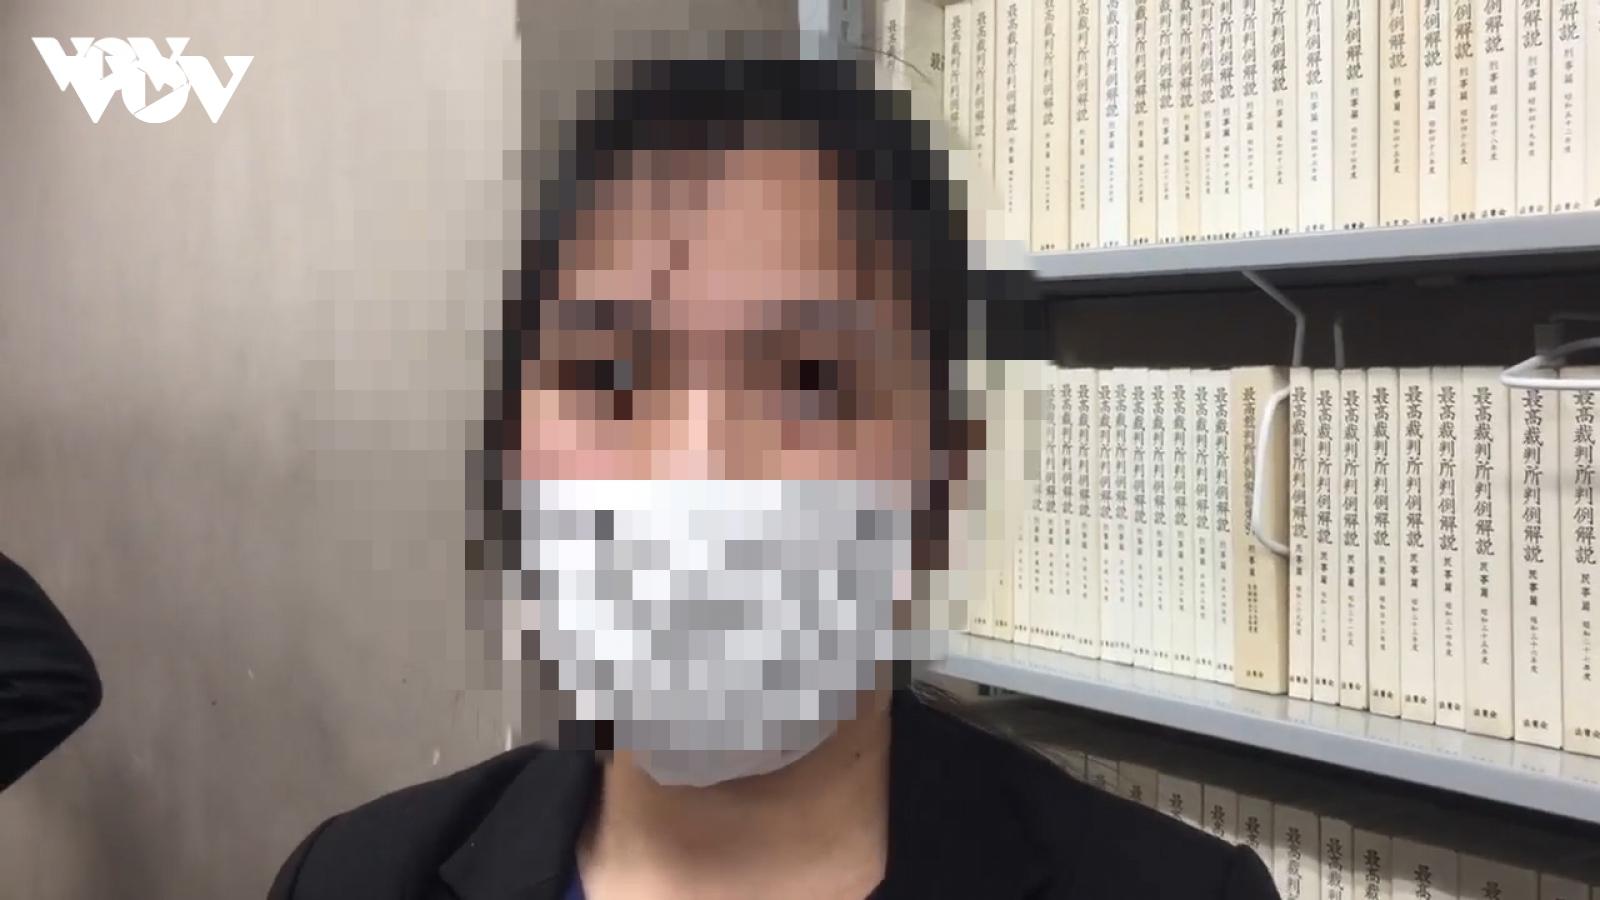 Mẹ bé Nhật Linh: Mức án dành cho kẻ thủ ác là quá nhẹ